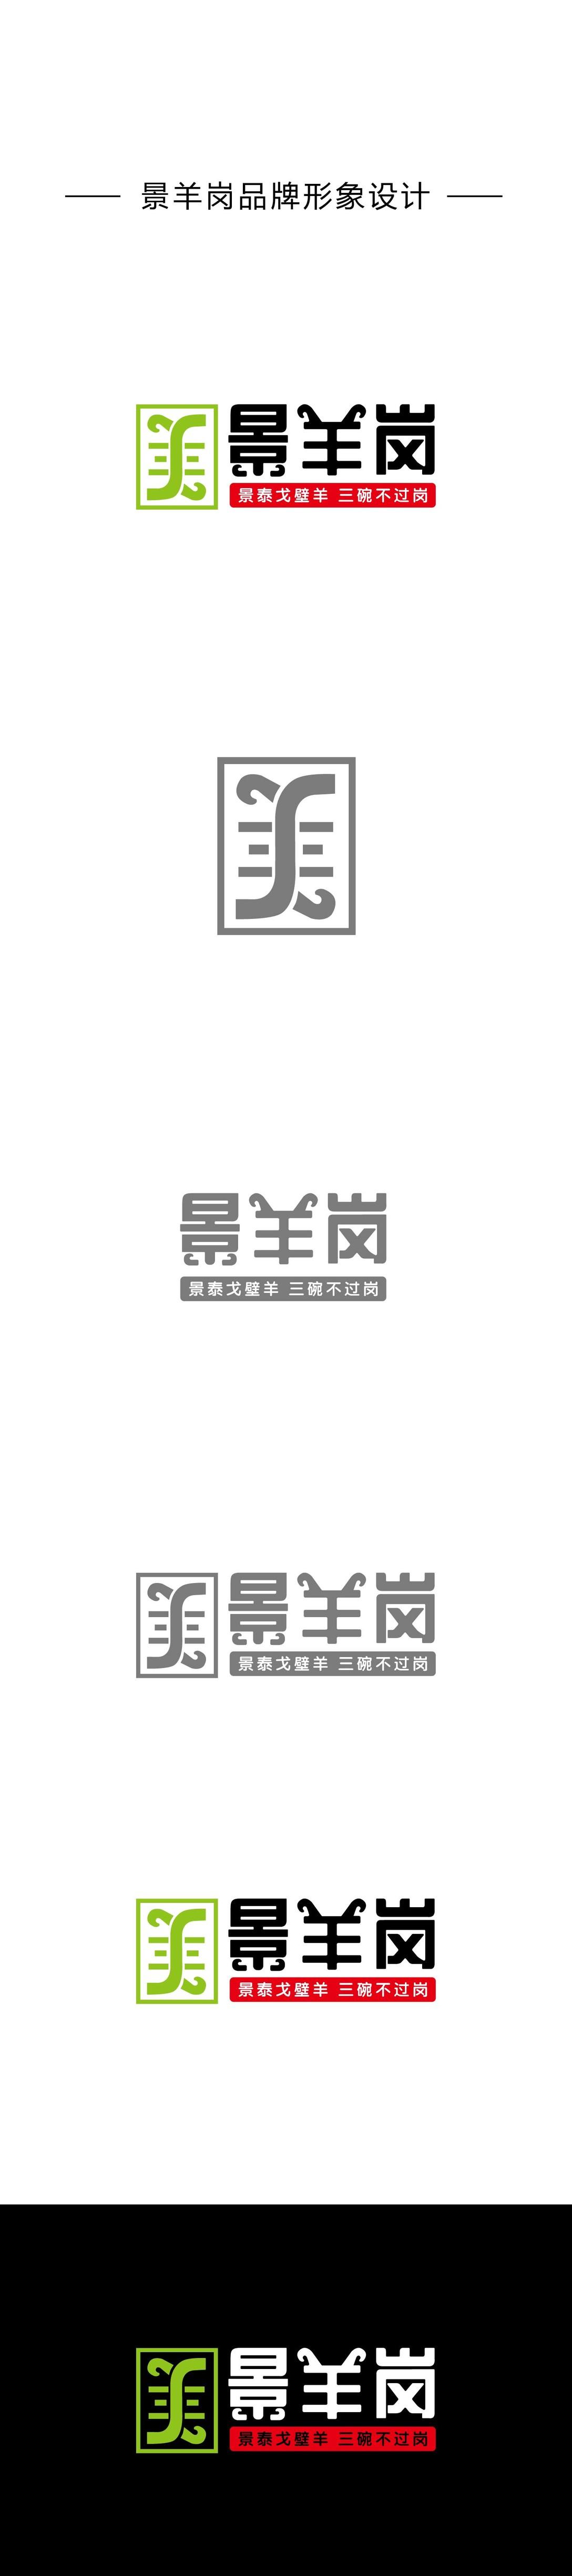 景羊岗logo设计